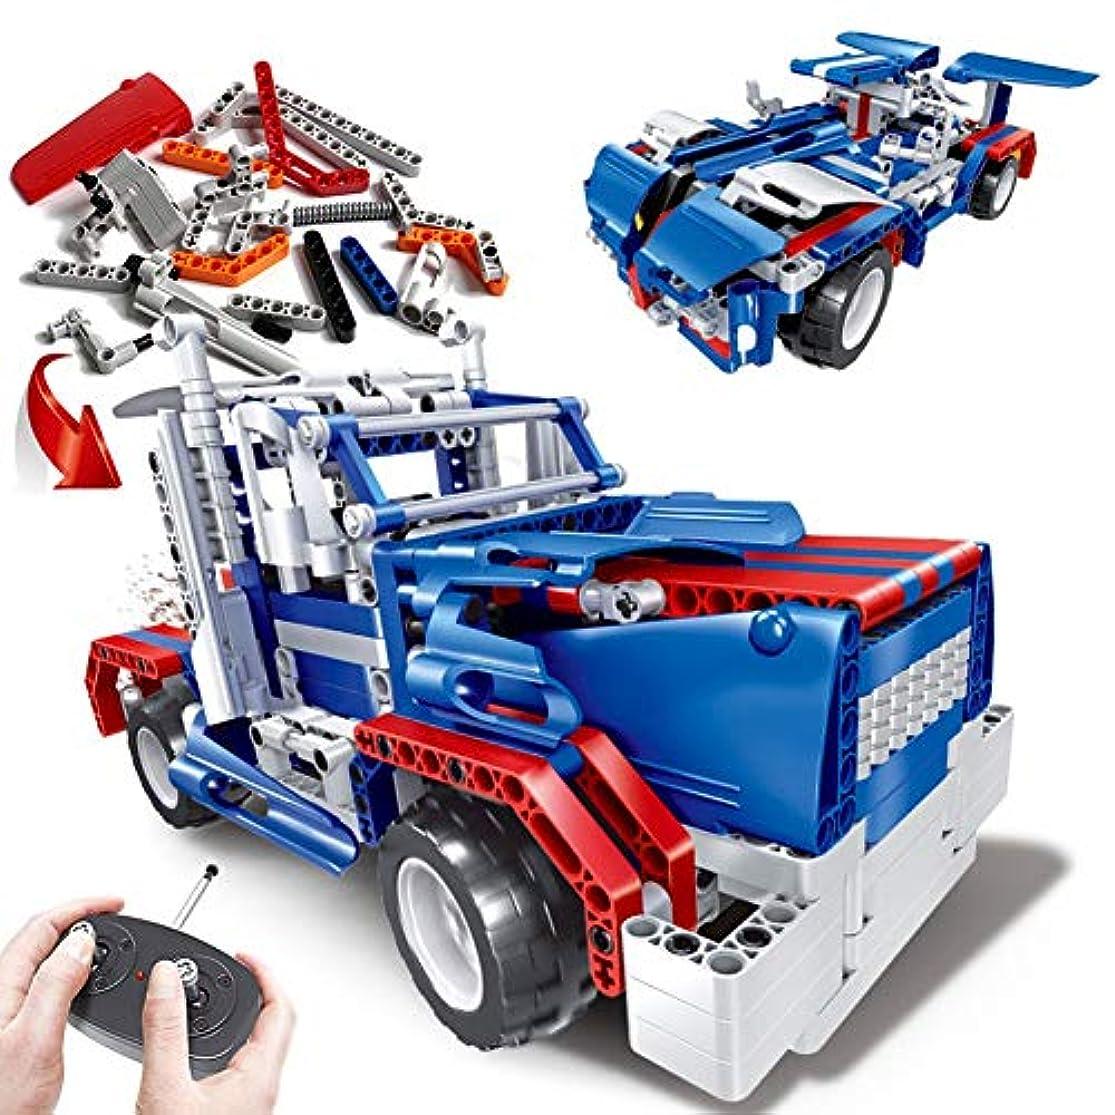 修羅場奨学金飢饉リモートコントロールカービルディングブロックセット、建築用玩具学習キット、6歳以上の子供用、エンジニアリング教育STEM玩具、トップバースデーギフトブルー